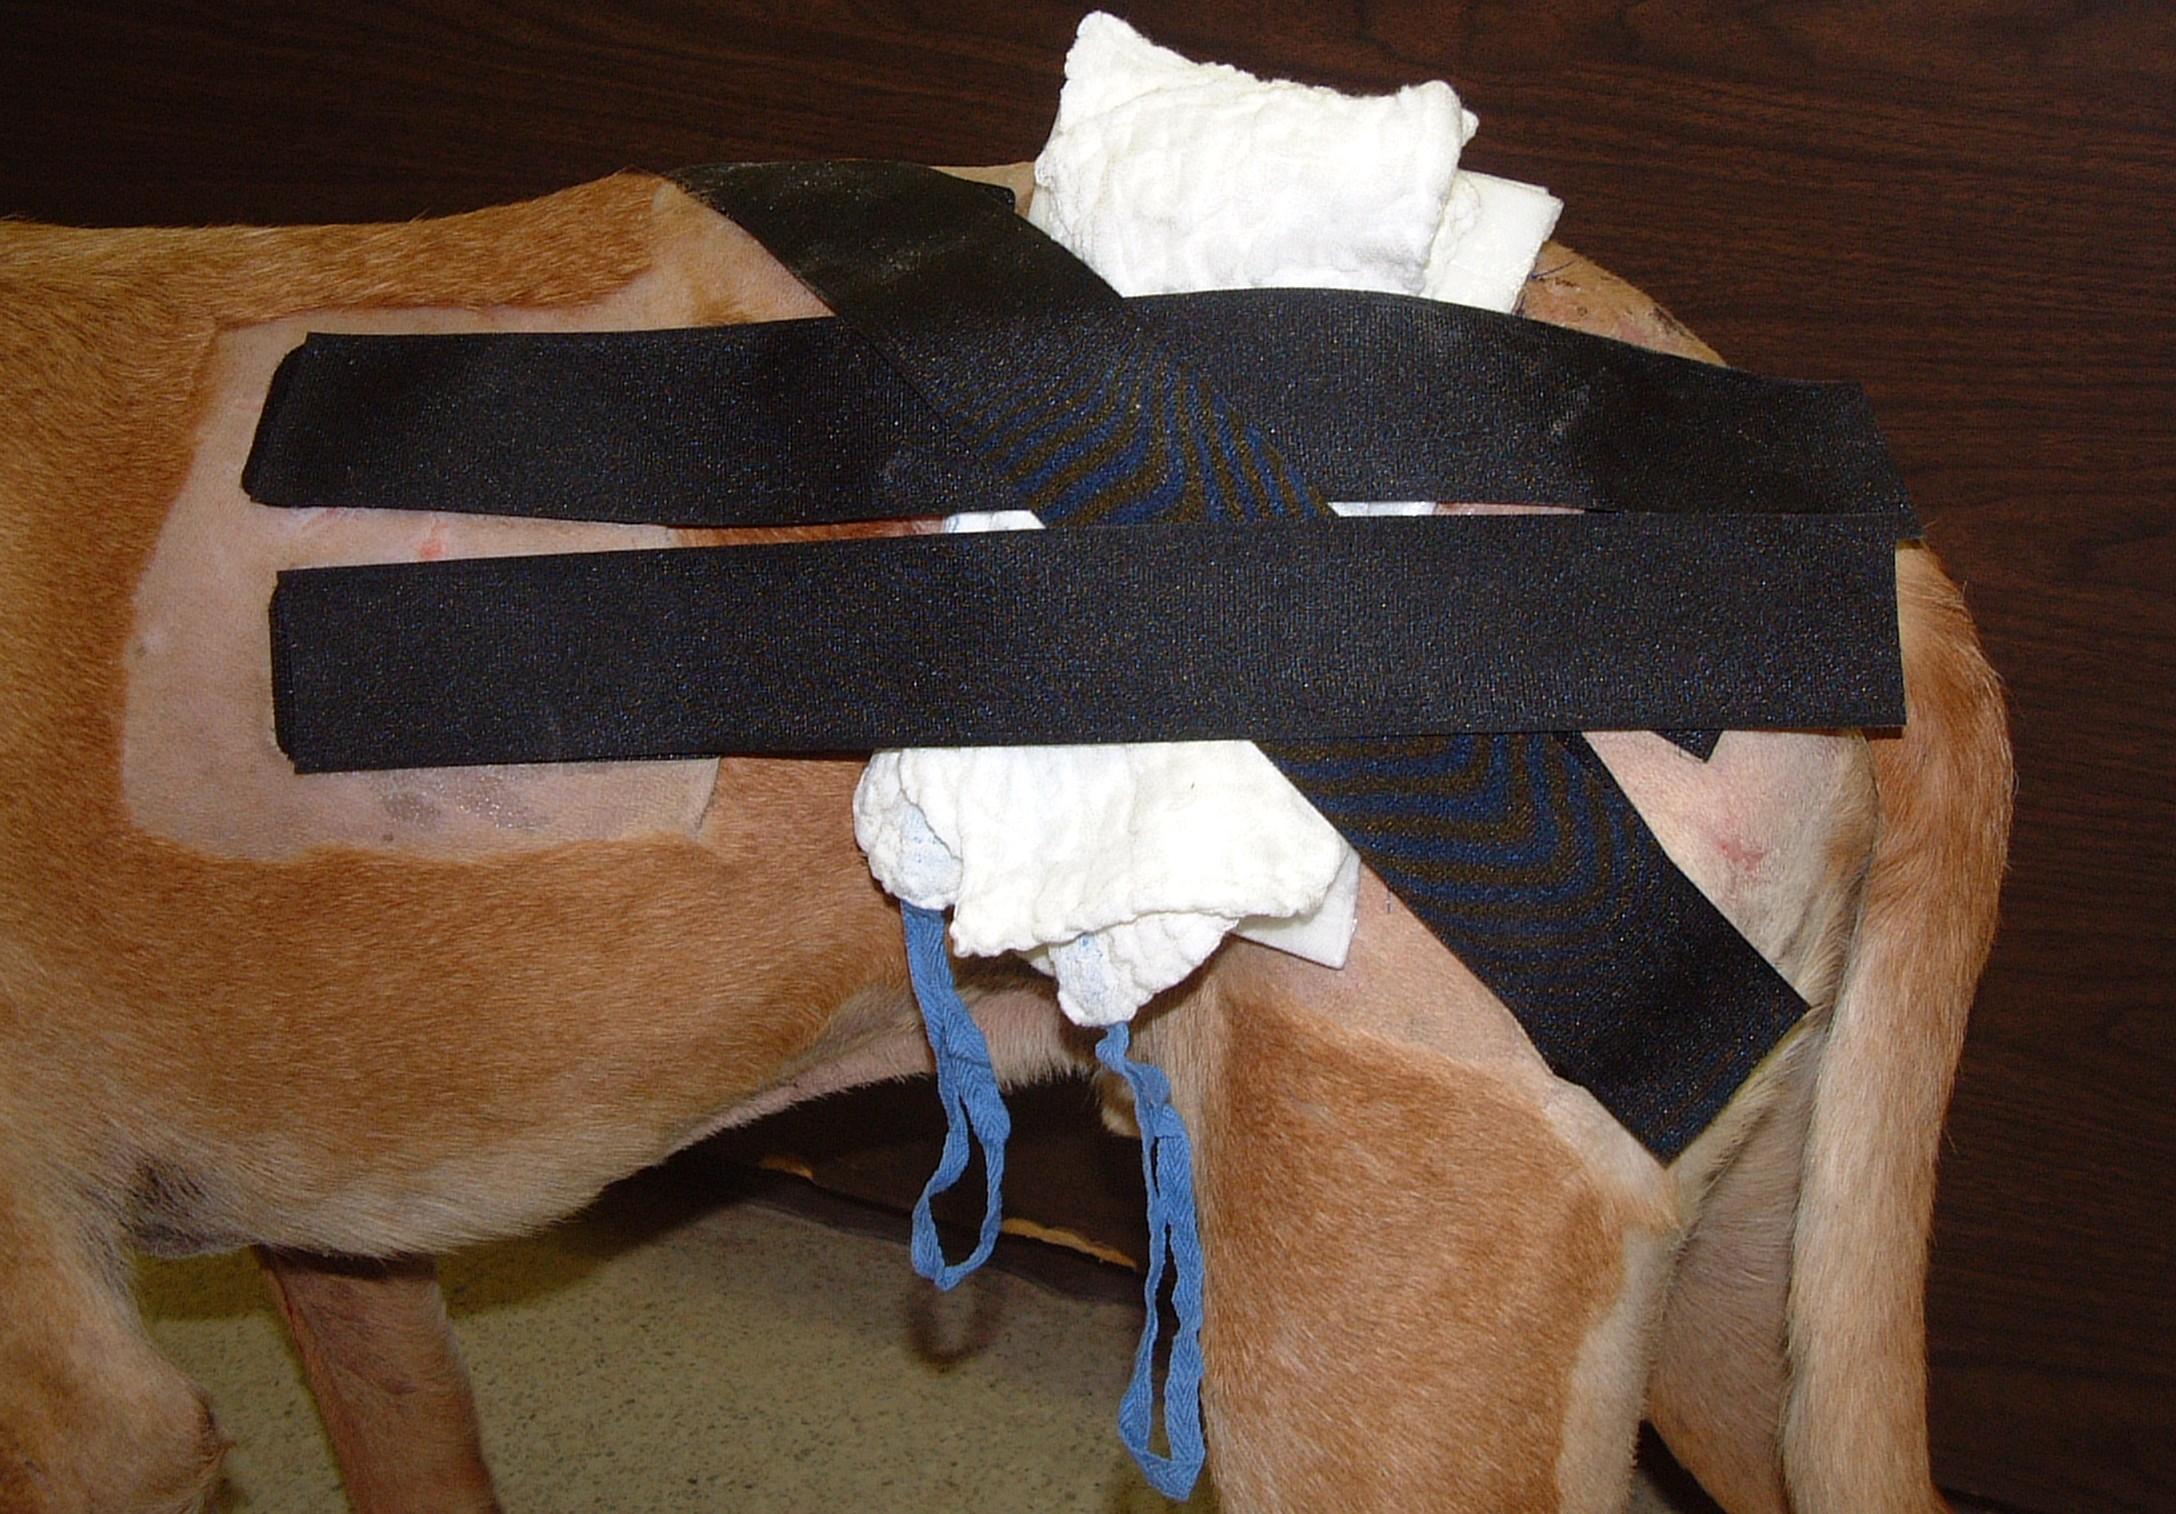 Velcro Strips Applied